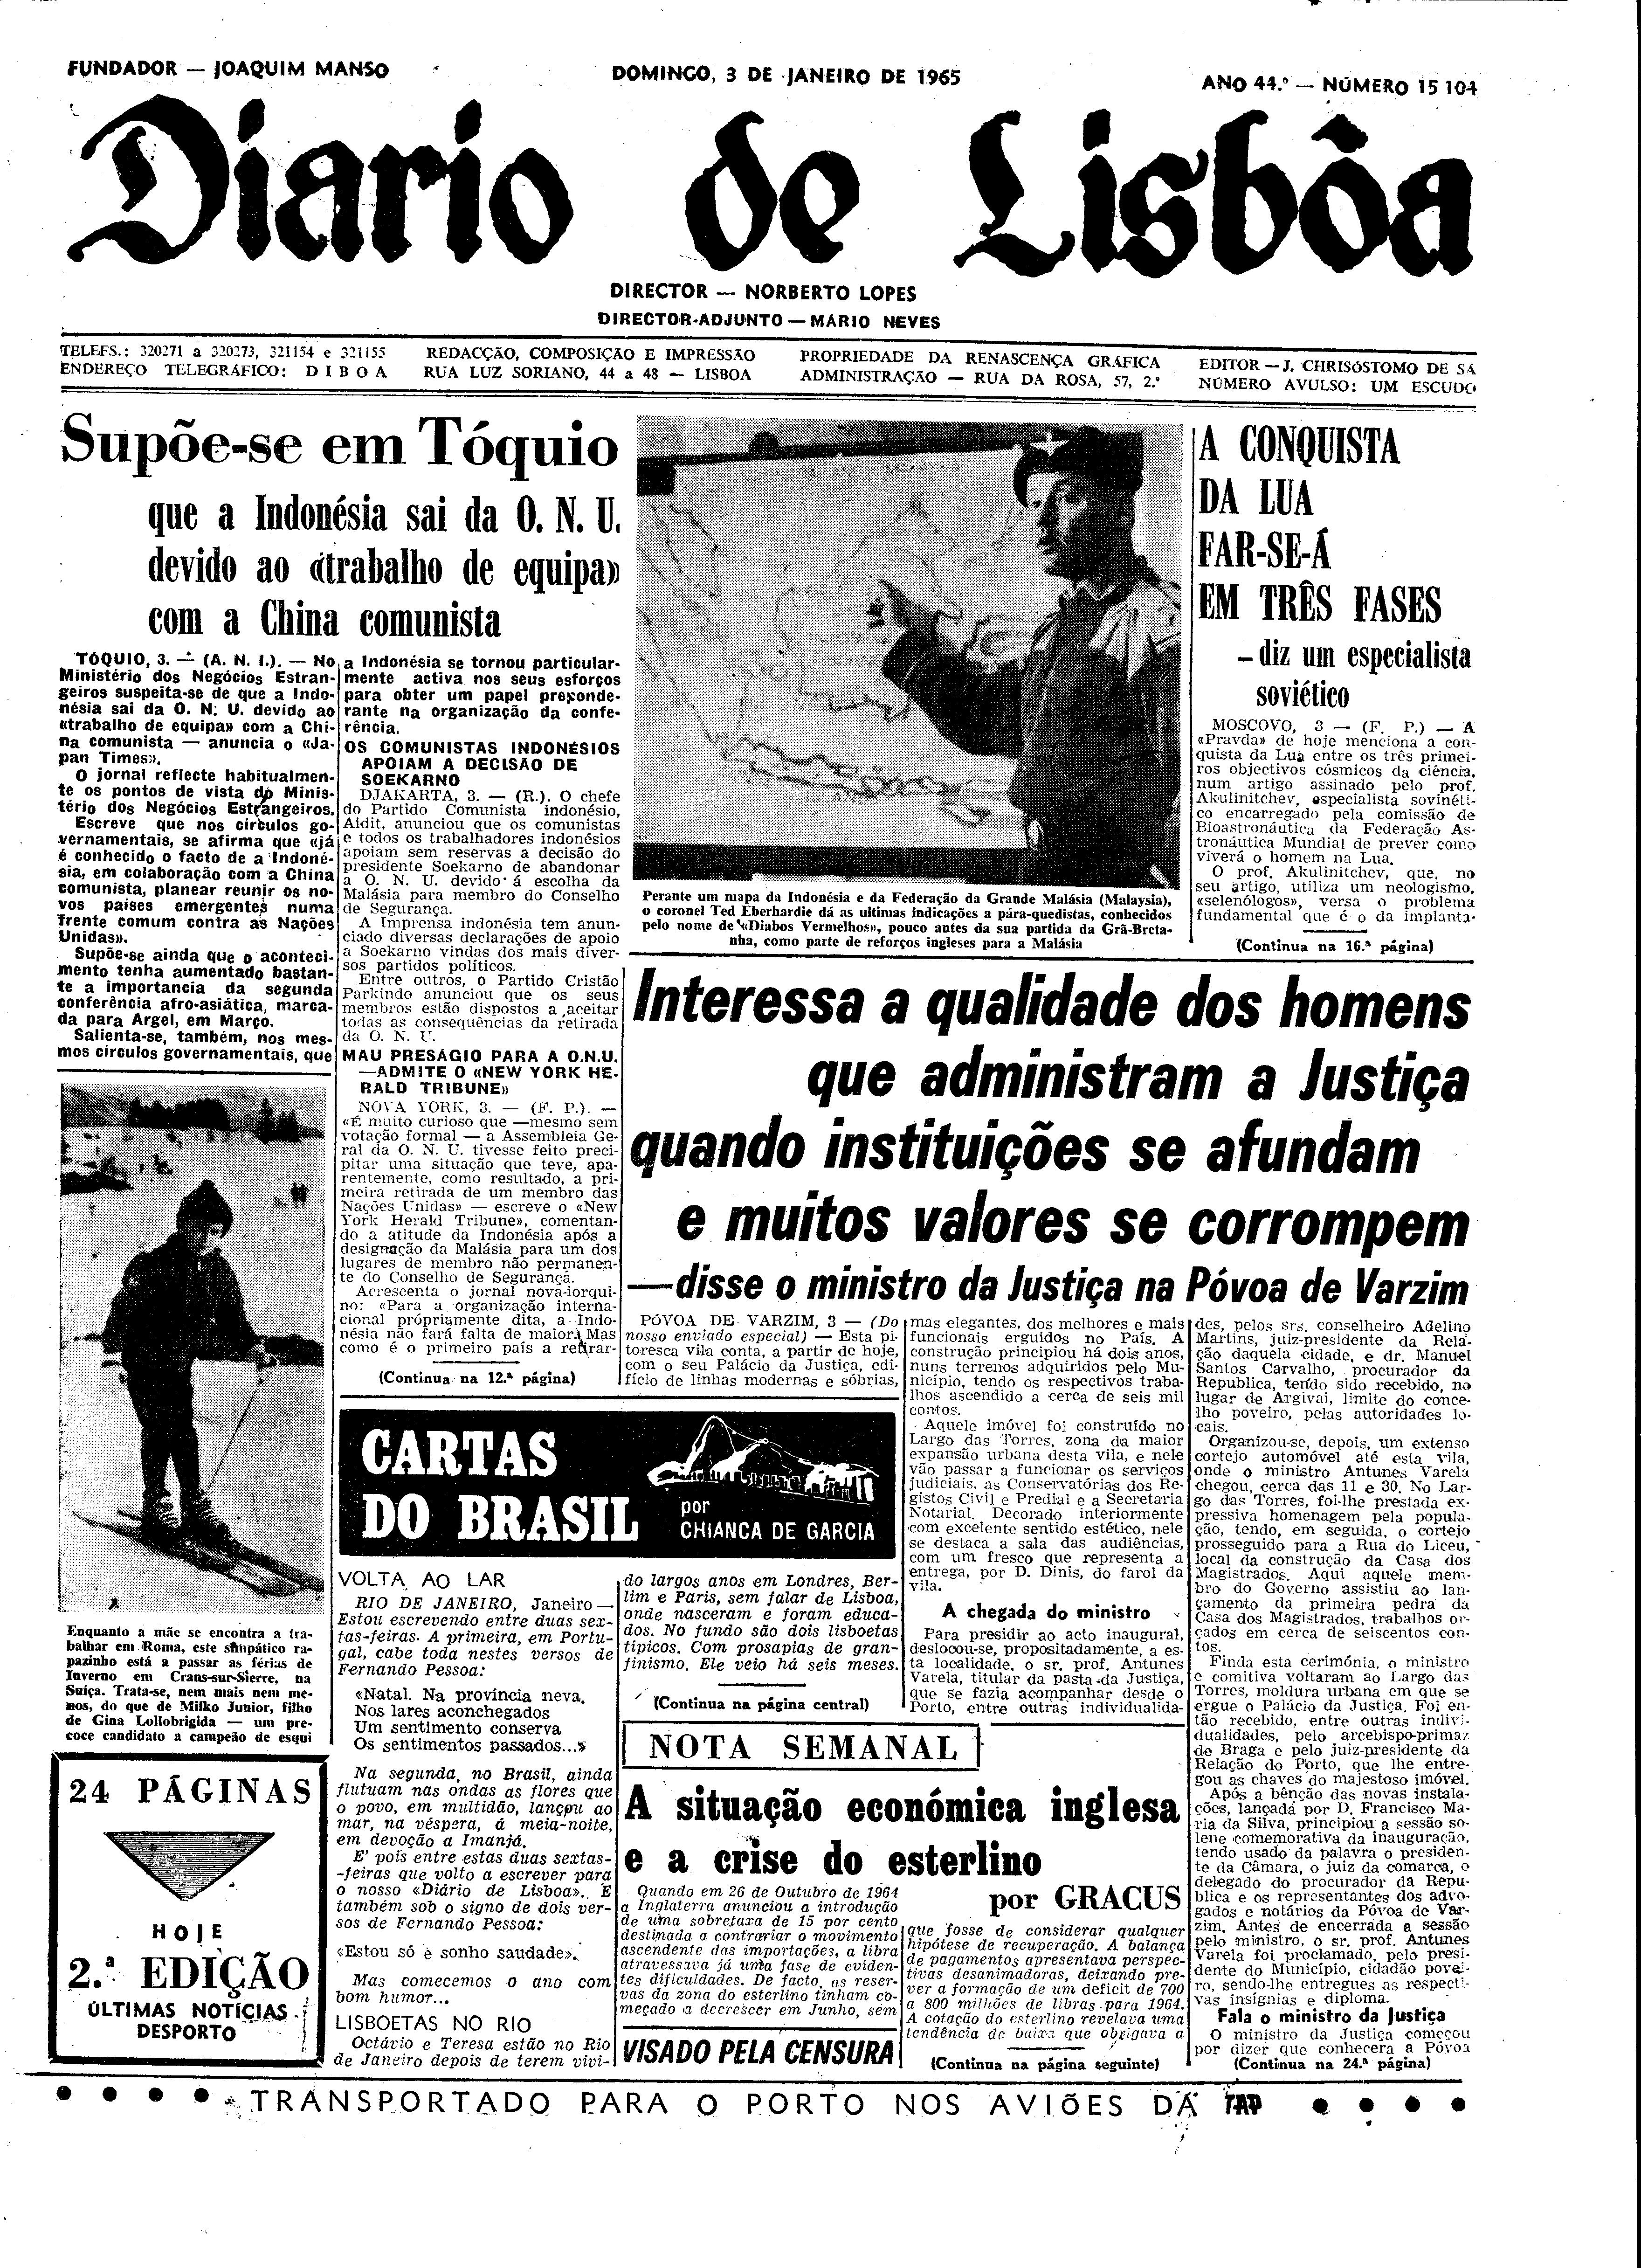 06557.095.19302- pag.1